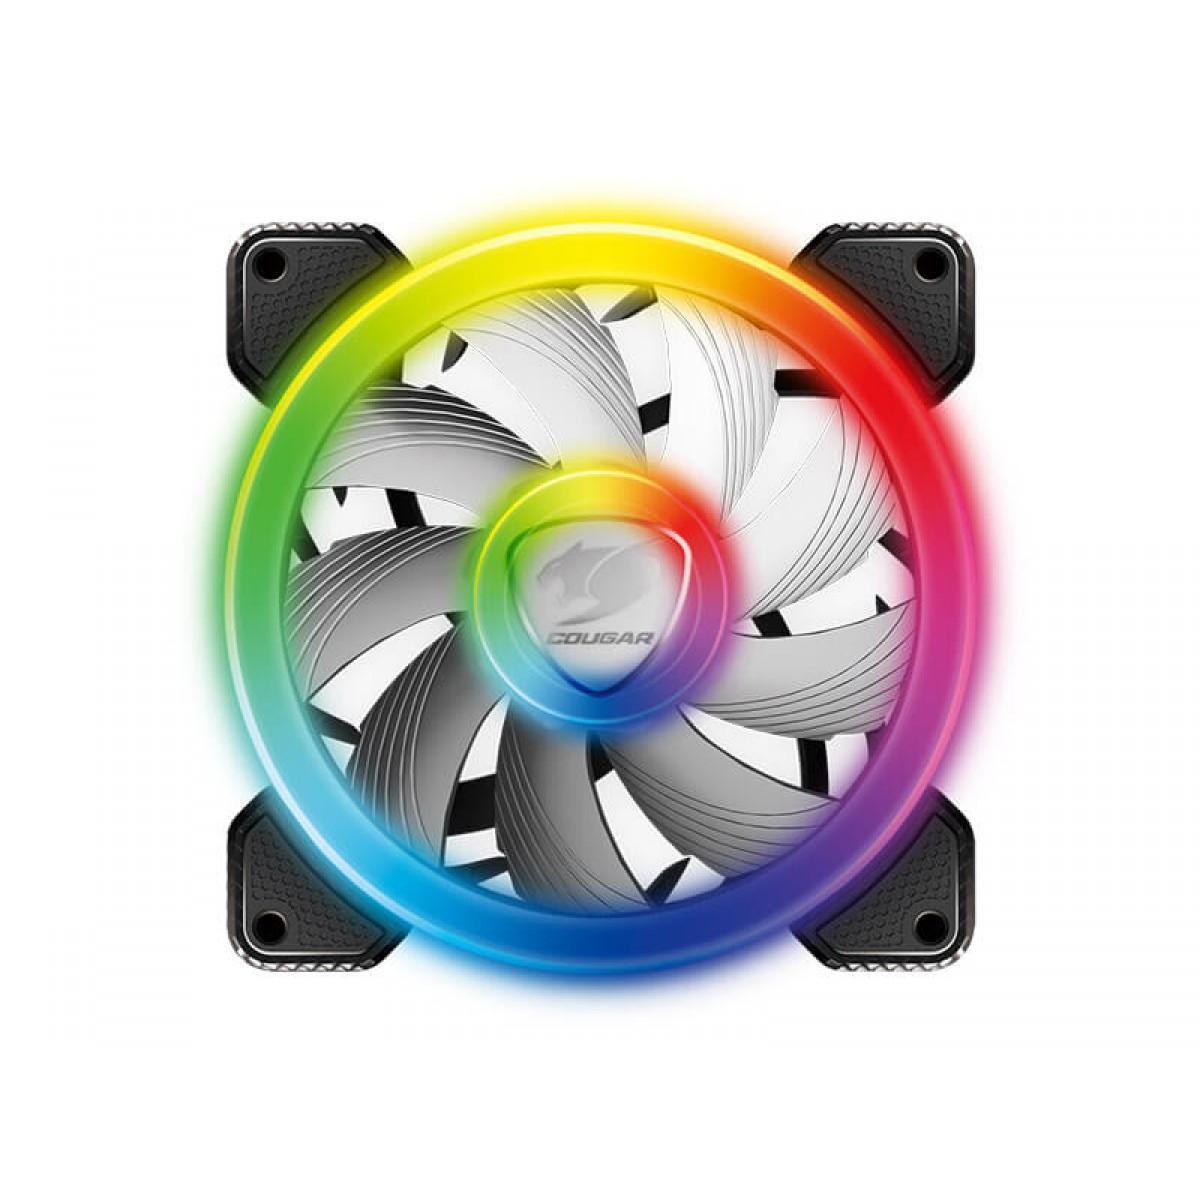 Kit Fan com 3 Unidades Cougar Vortex, RGB, SPB, 120mm, 3MSPBKIT.0001